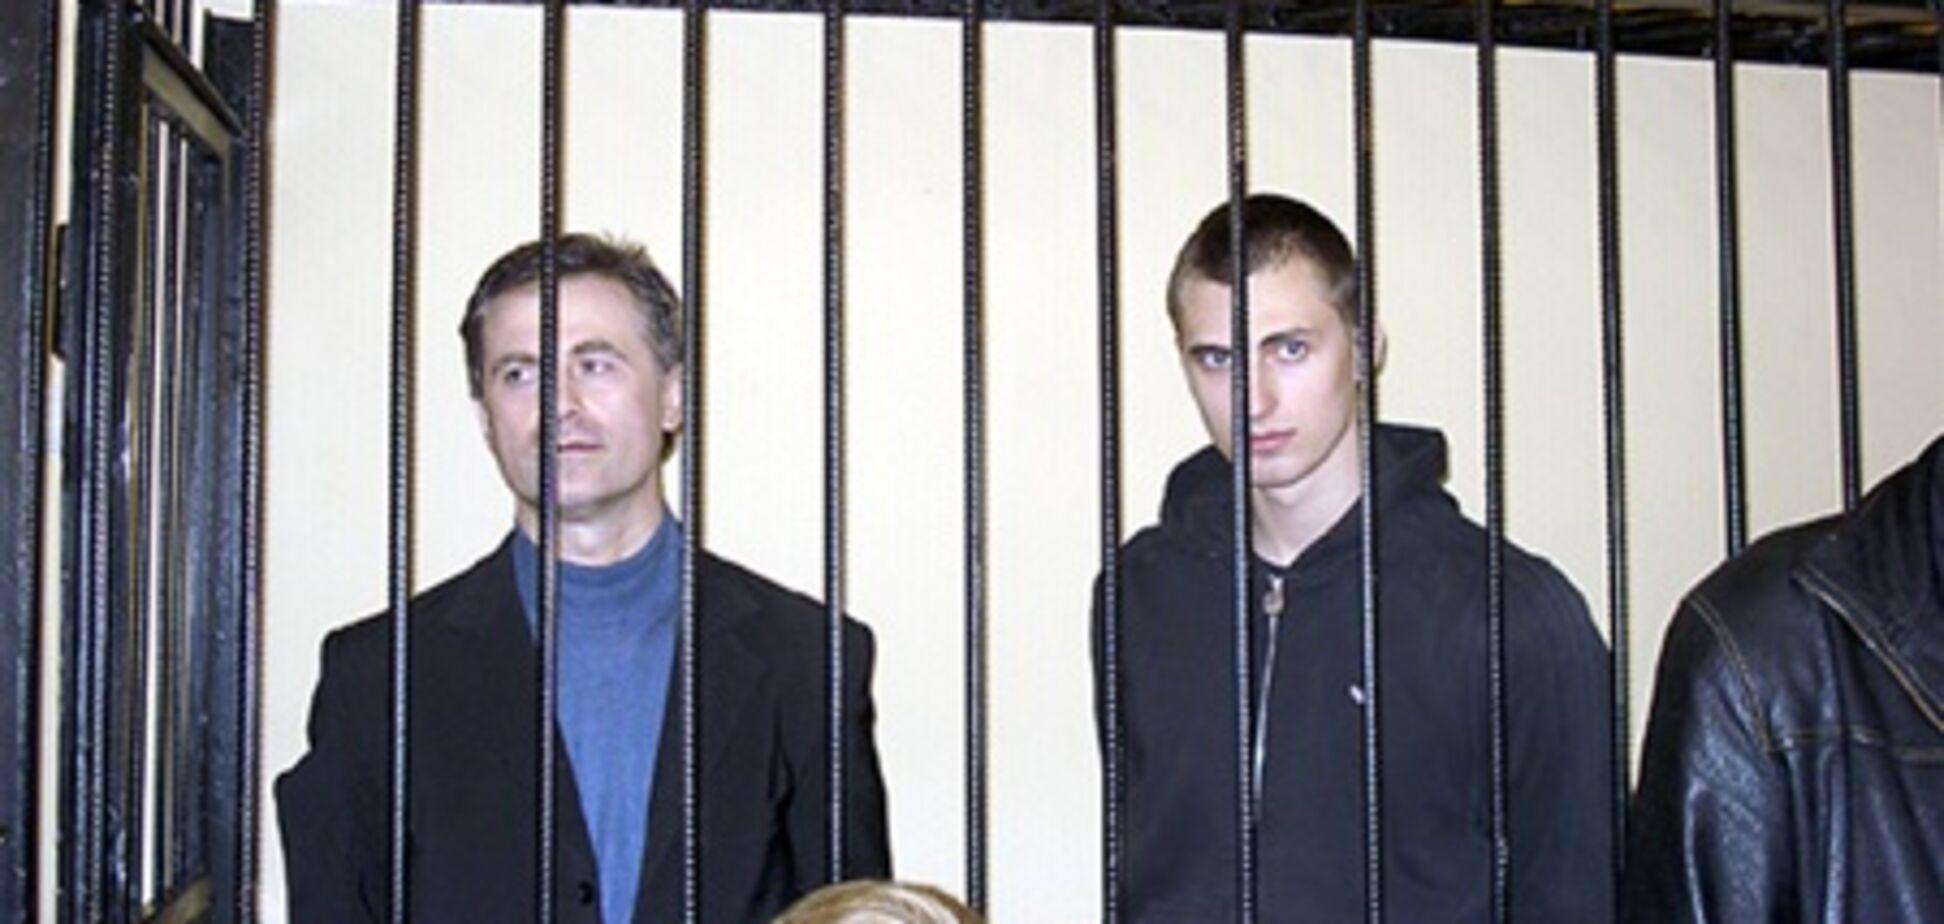 Защита Павличенко и сами подсудимые противоречат друг другу - гособвинитель